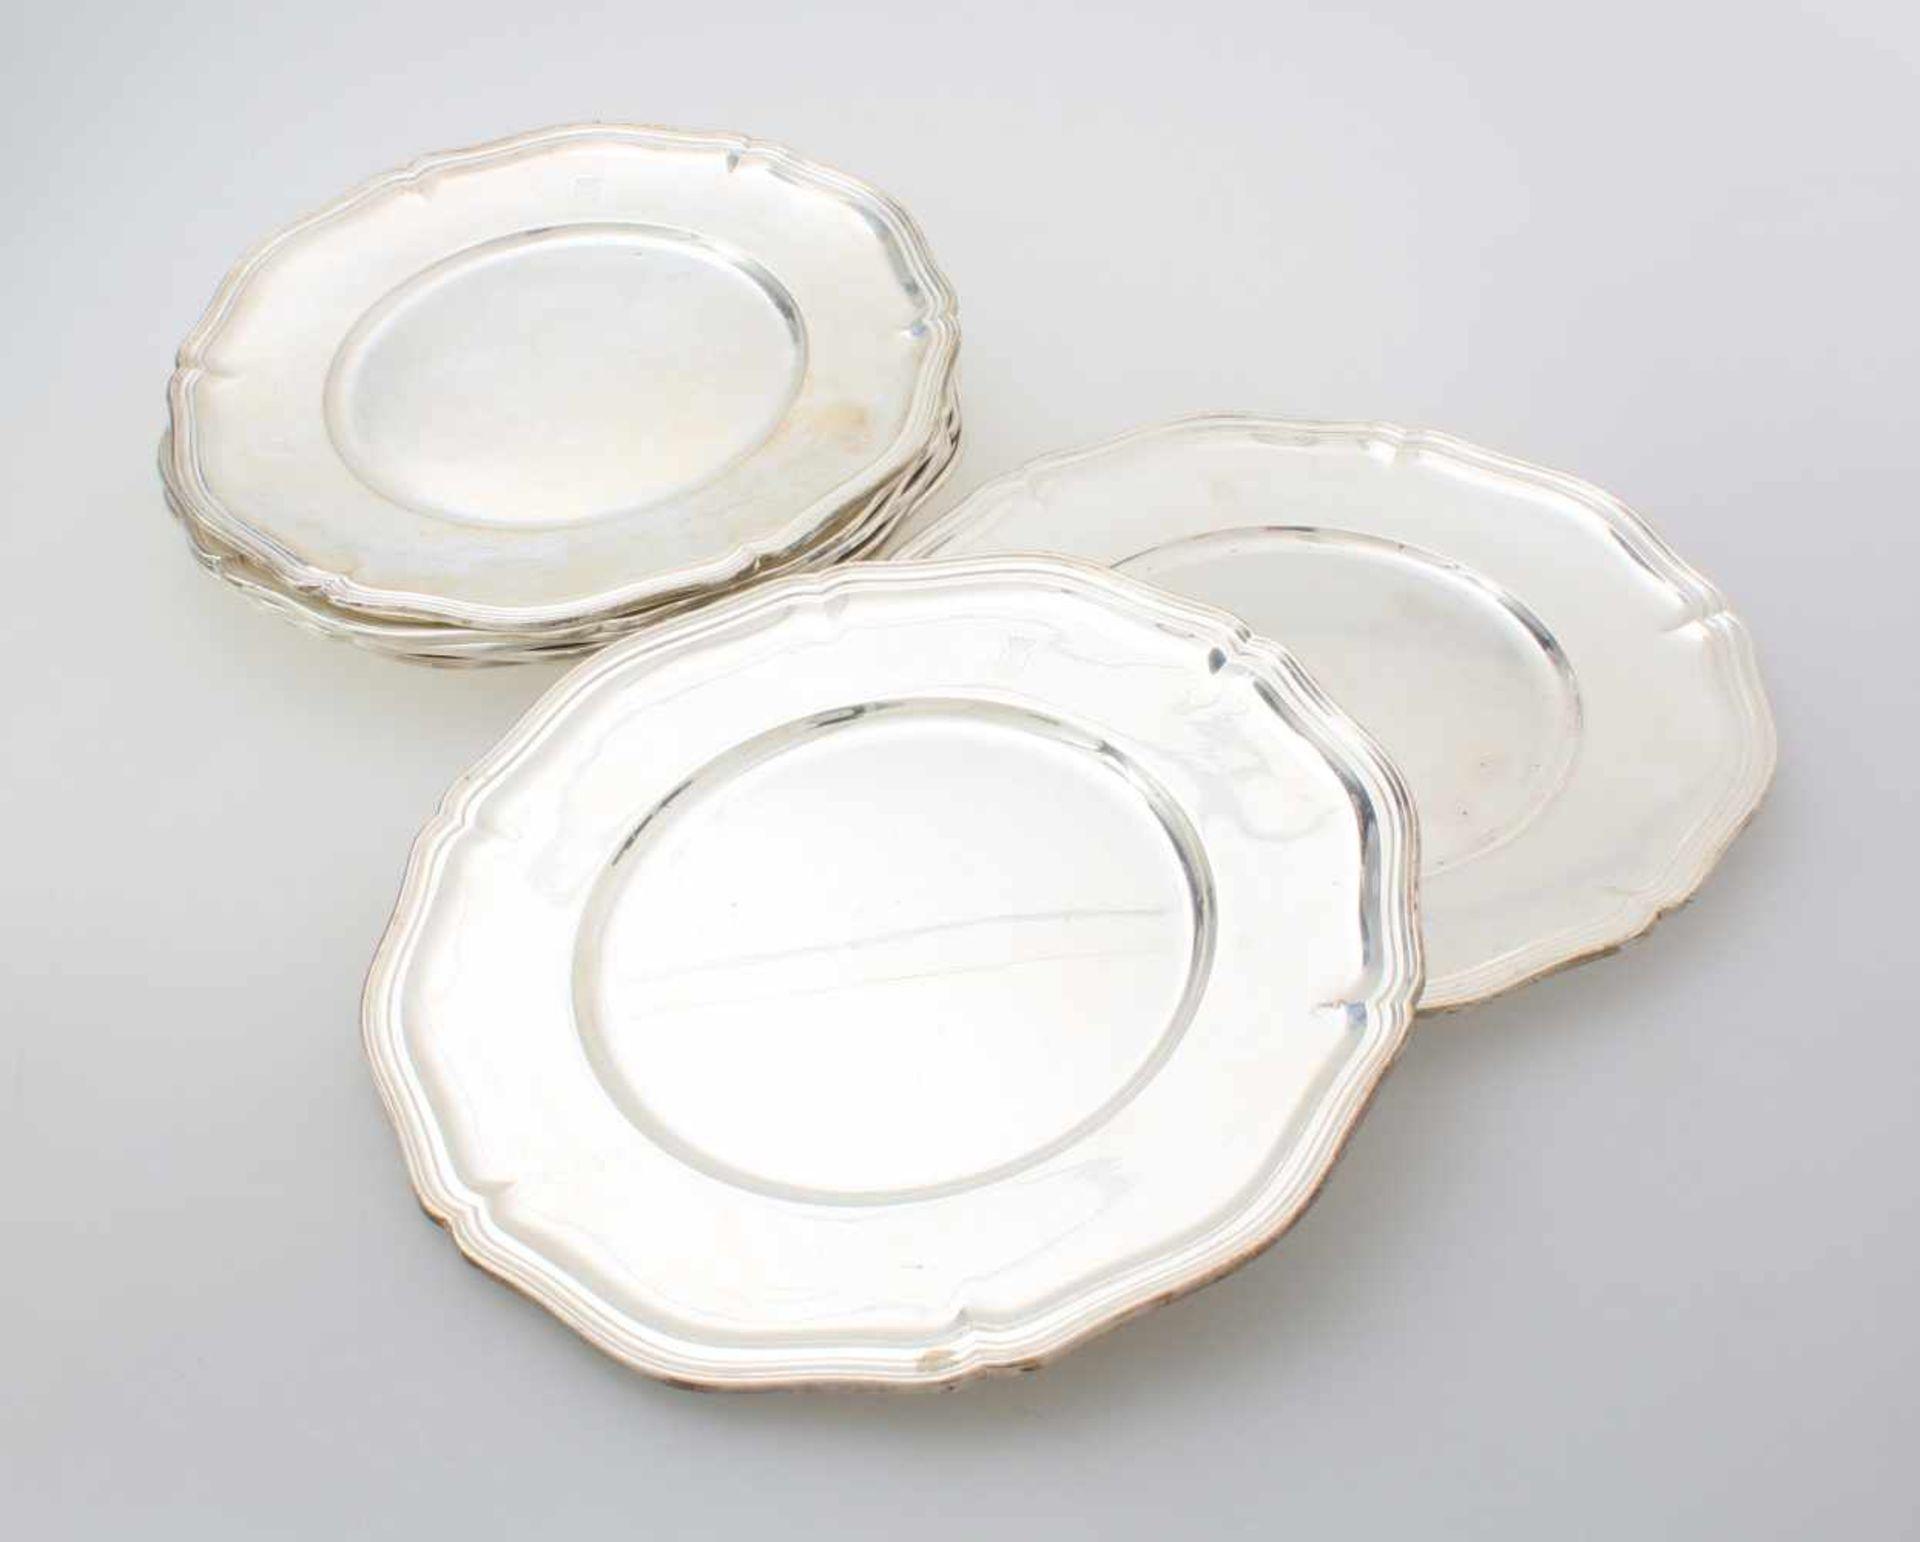 8 silberne Teller mit Wappengravur - Wilkens835er Silber, mehrpassiger und kannelierter Rand,